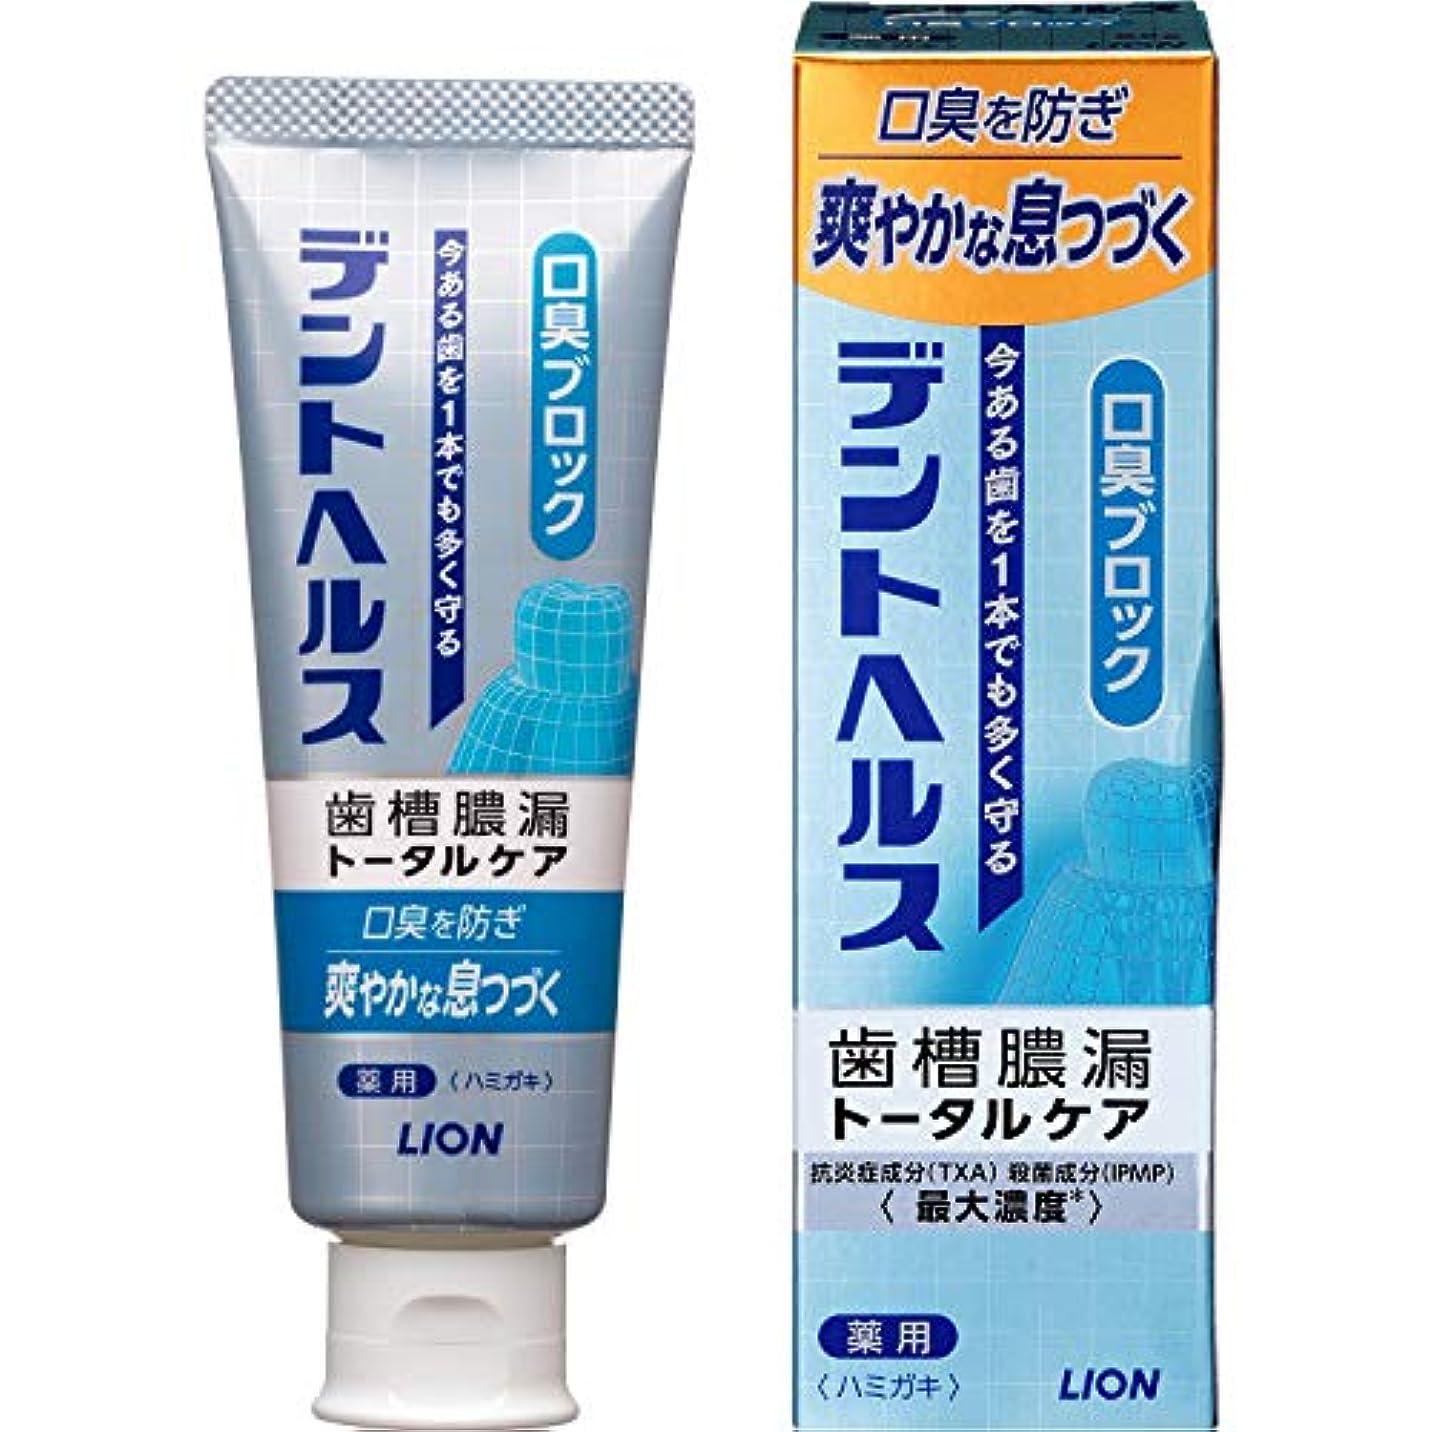 アスペクトお気に入り滴下歯槽膿漏予防に デントヘルス 薬用ハミガキ 口臭ブロック 85g